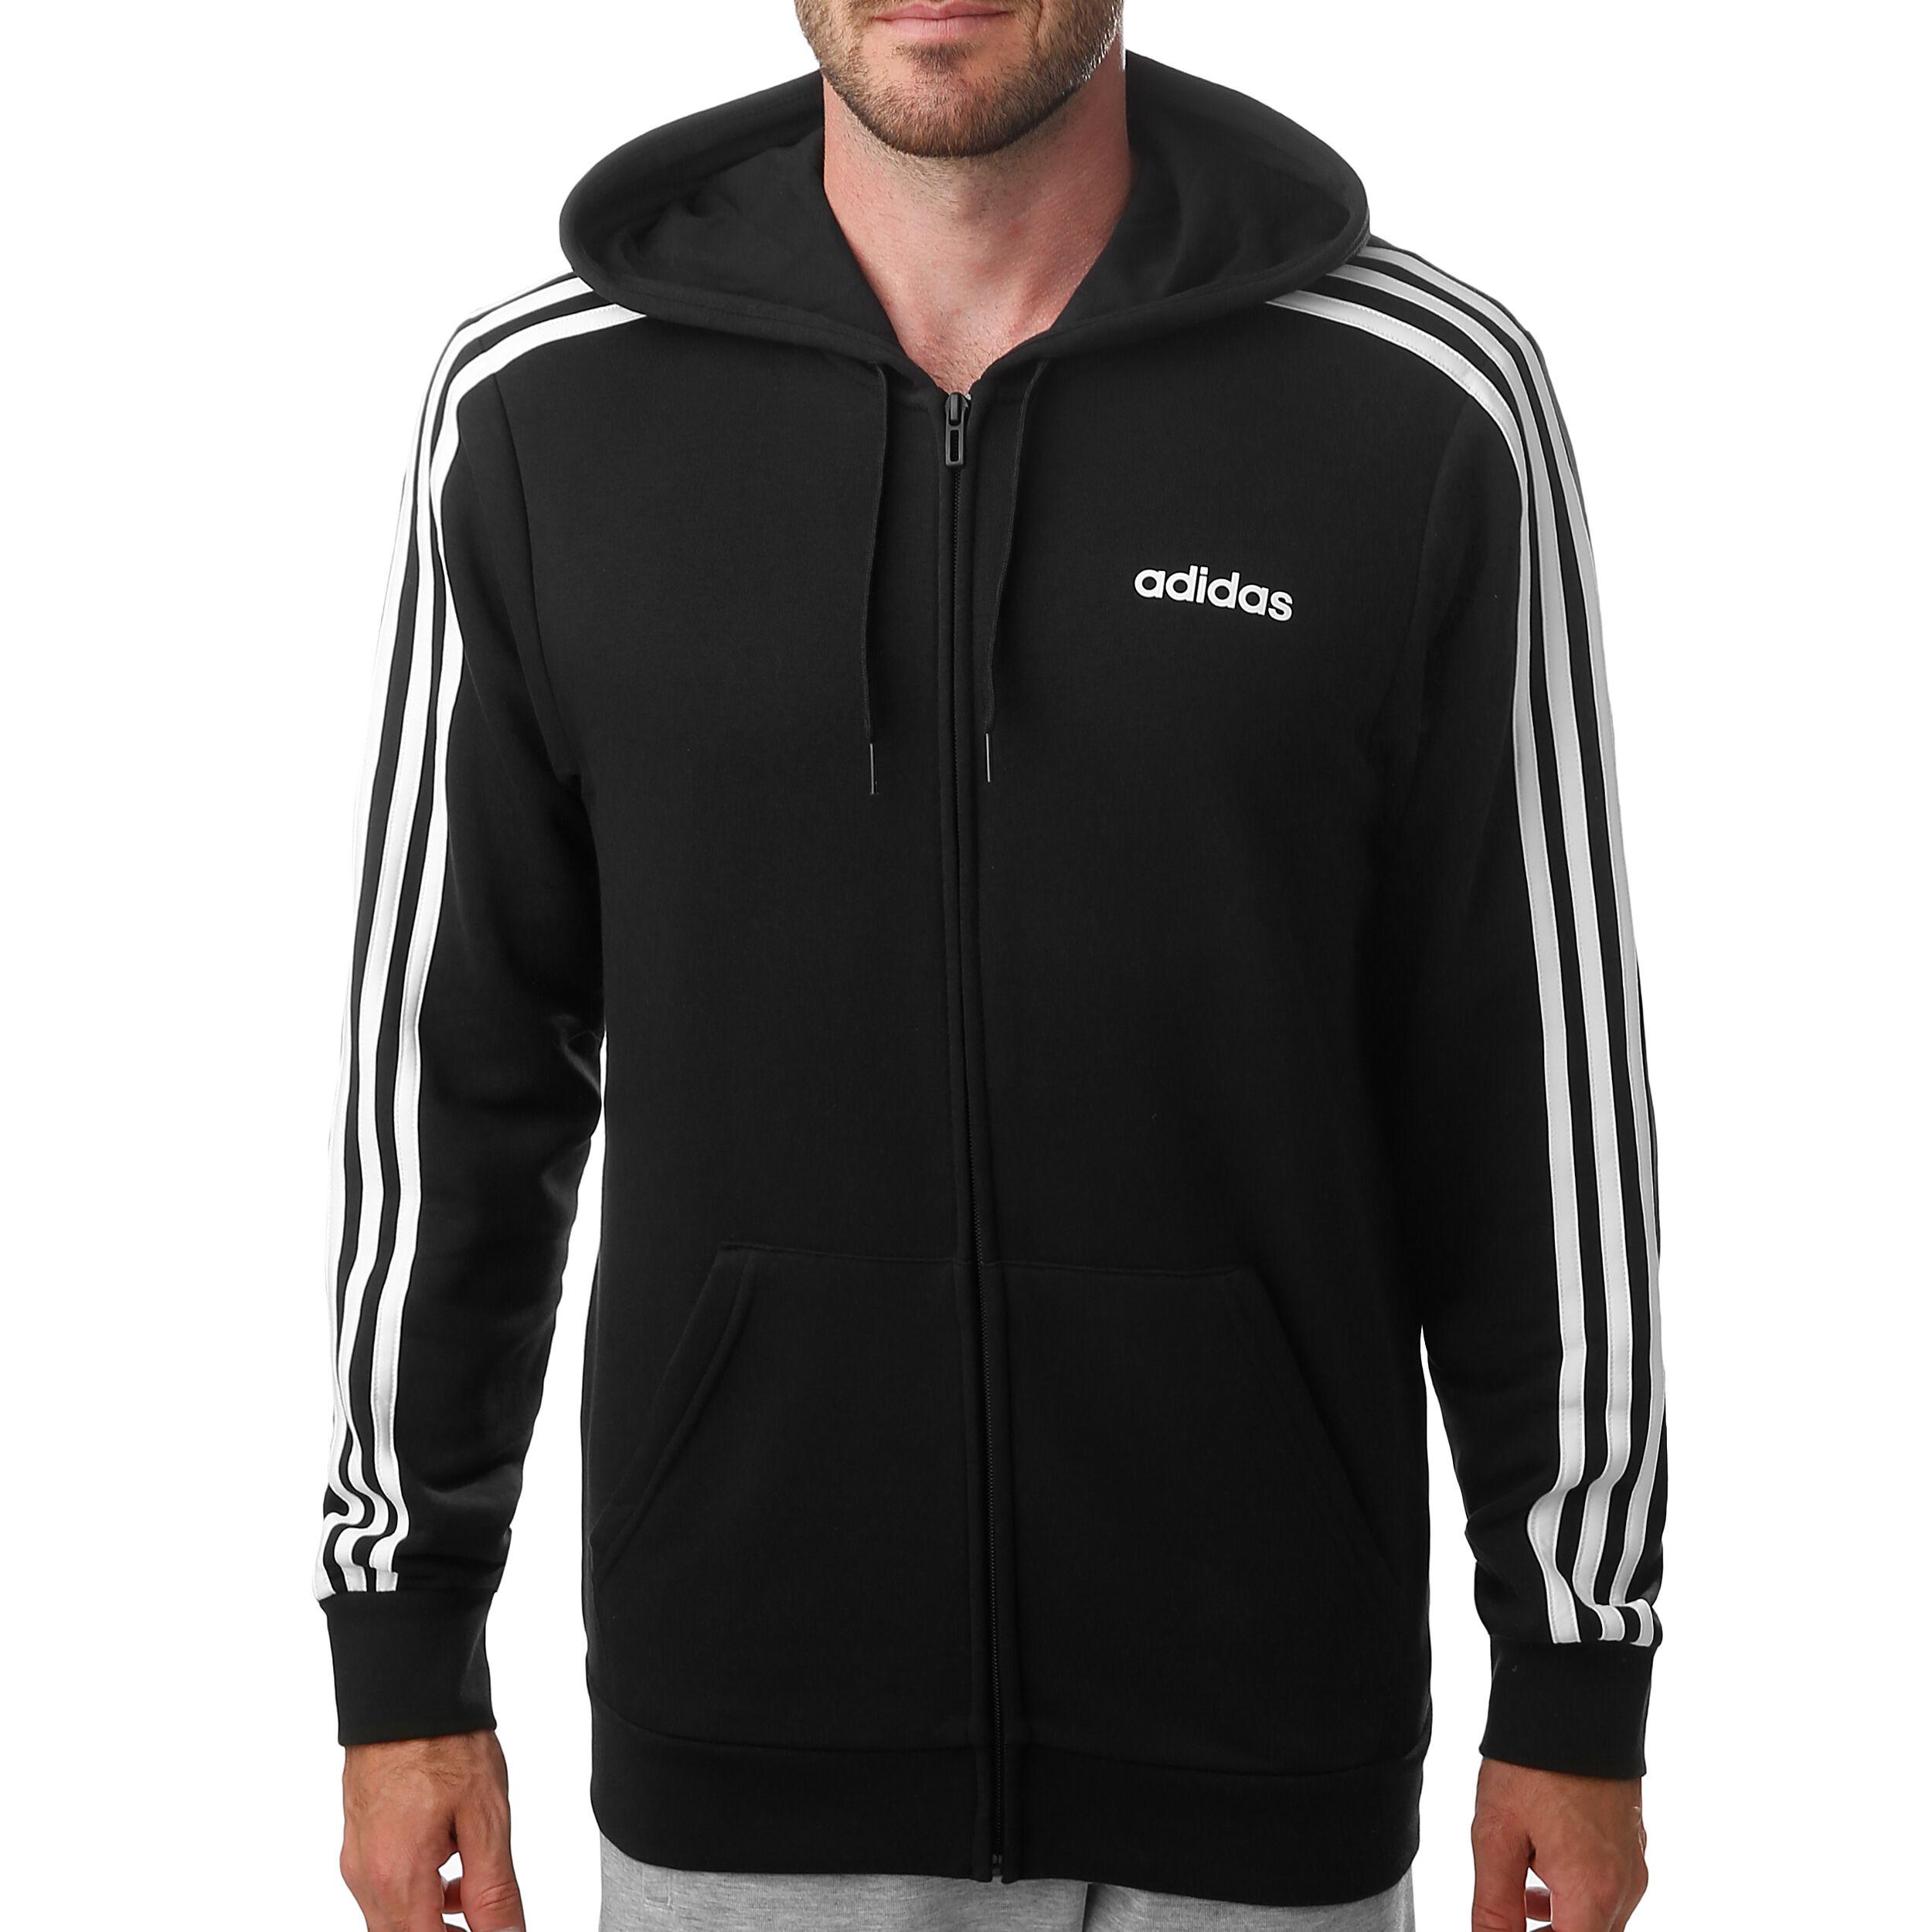 Adidas Herren Kapuzen Jacke Essentials 3 Stripes Full Zip NEU